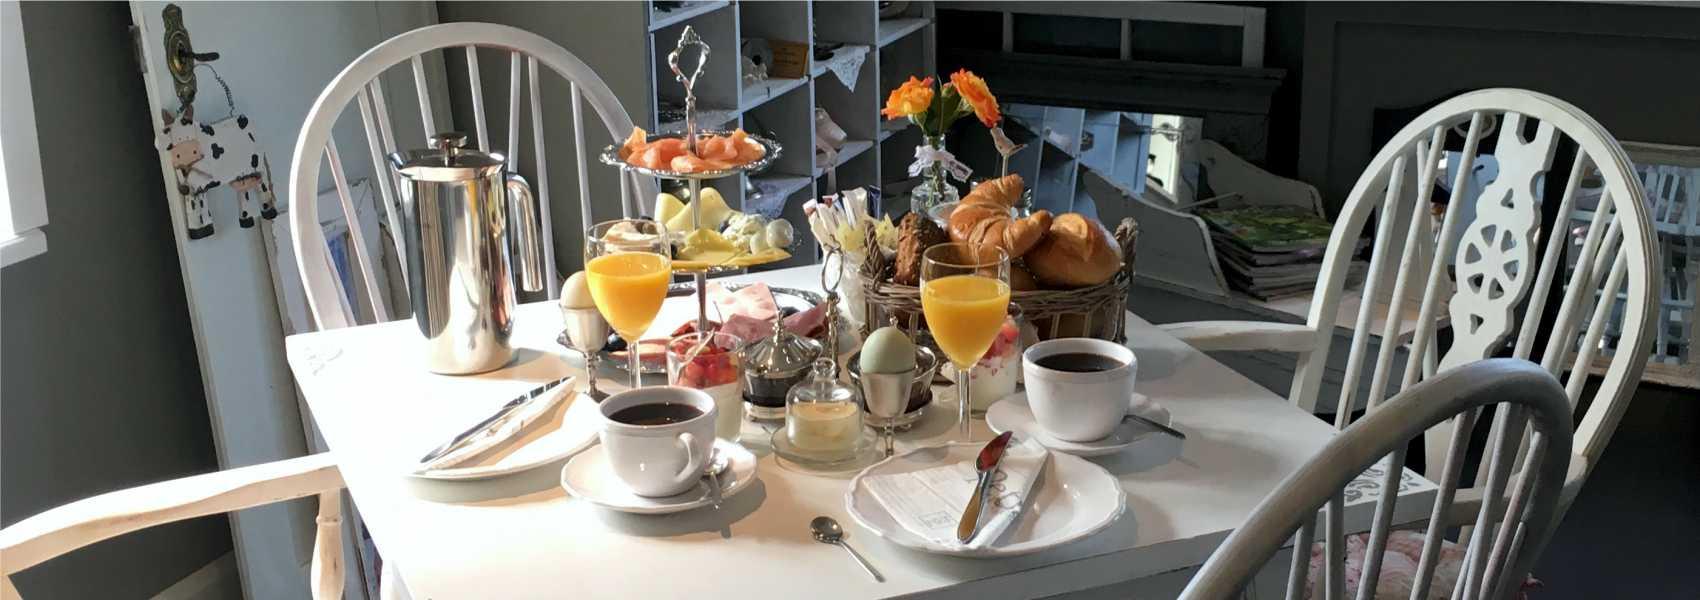 Landhaus Frühstück